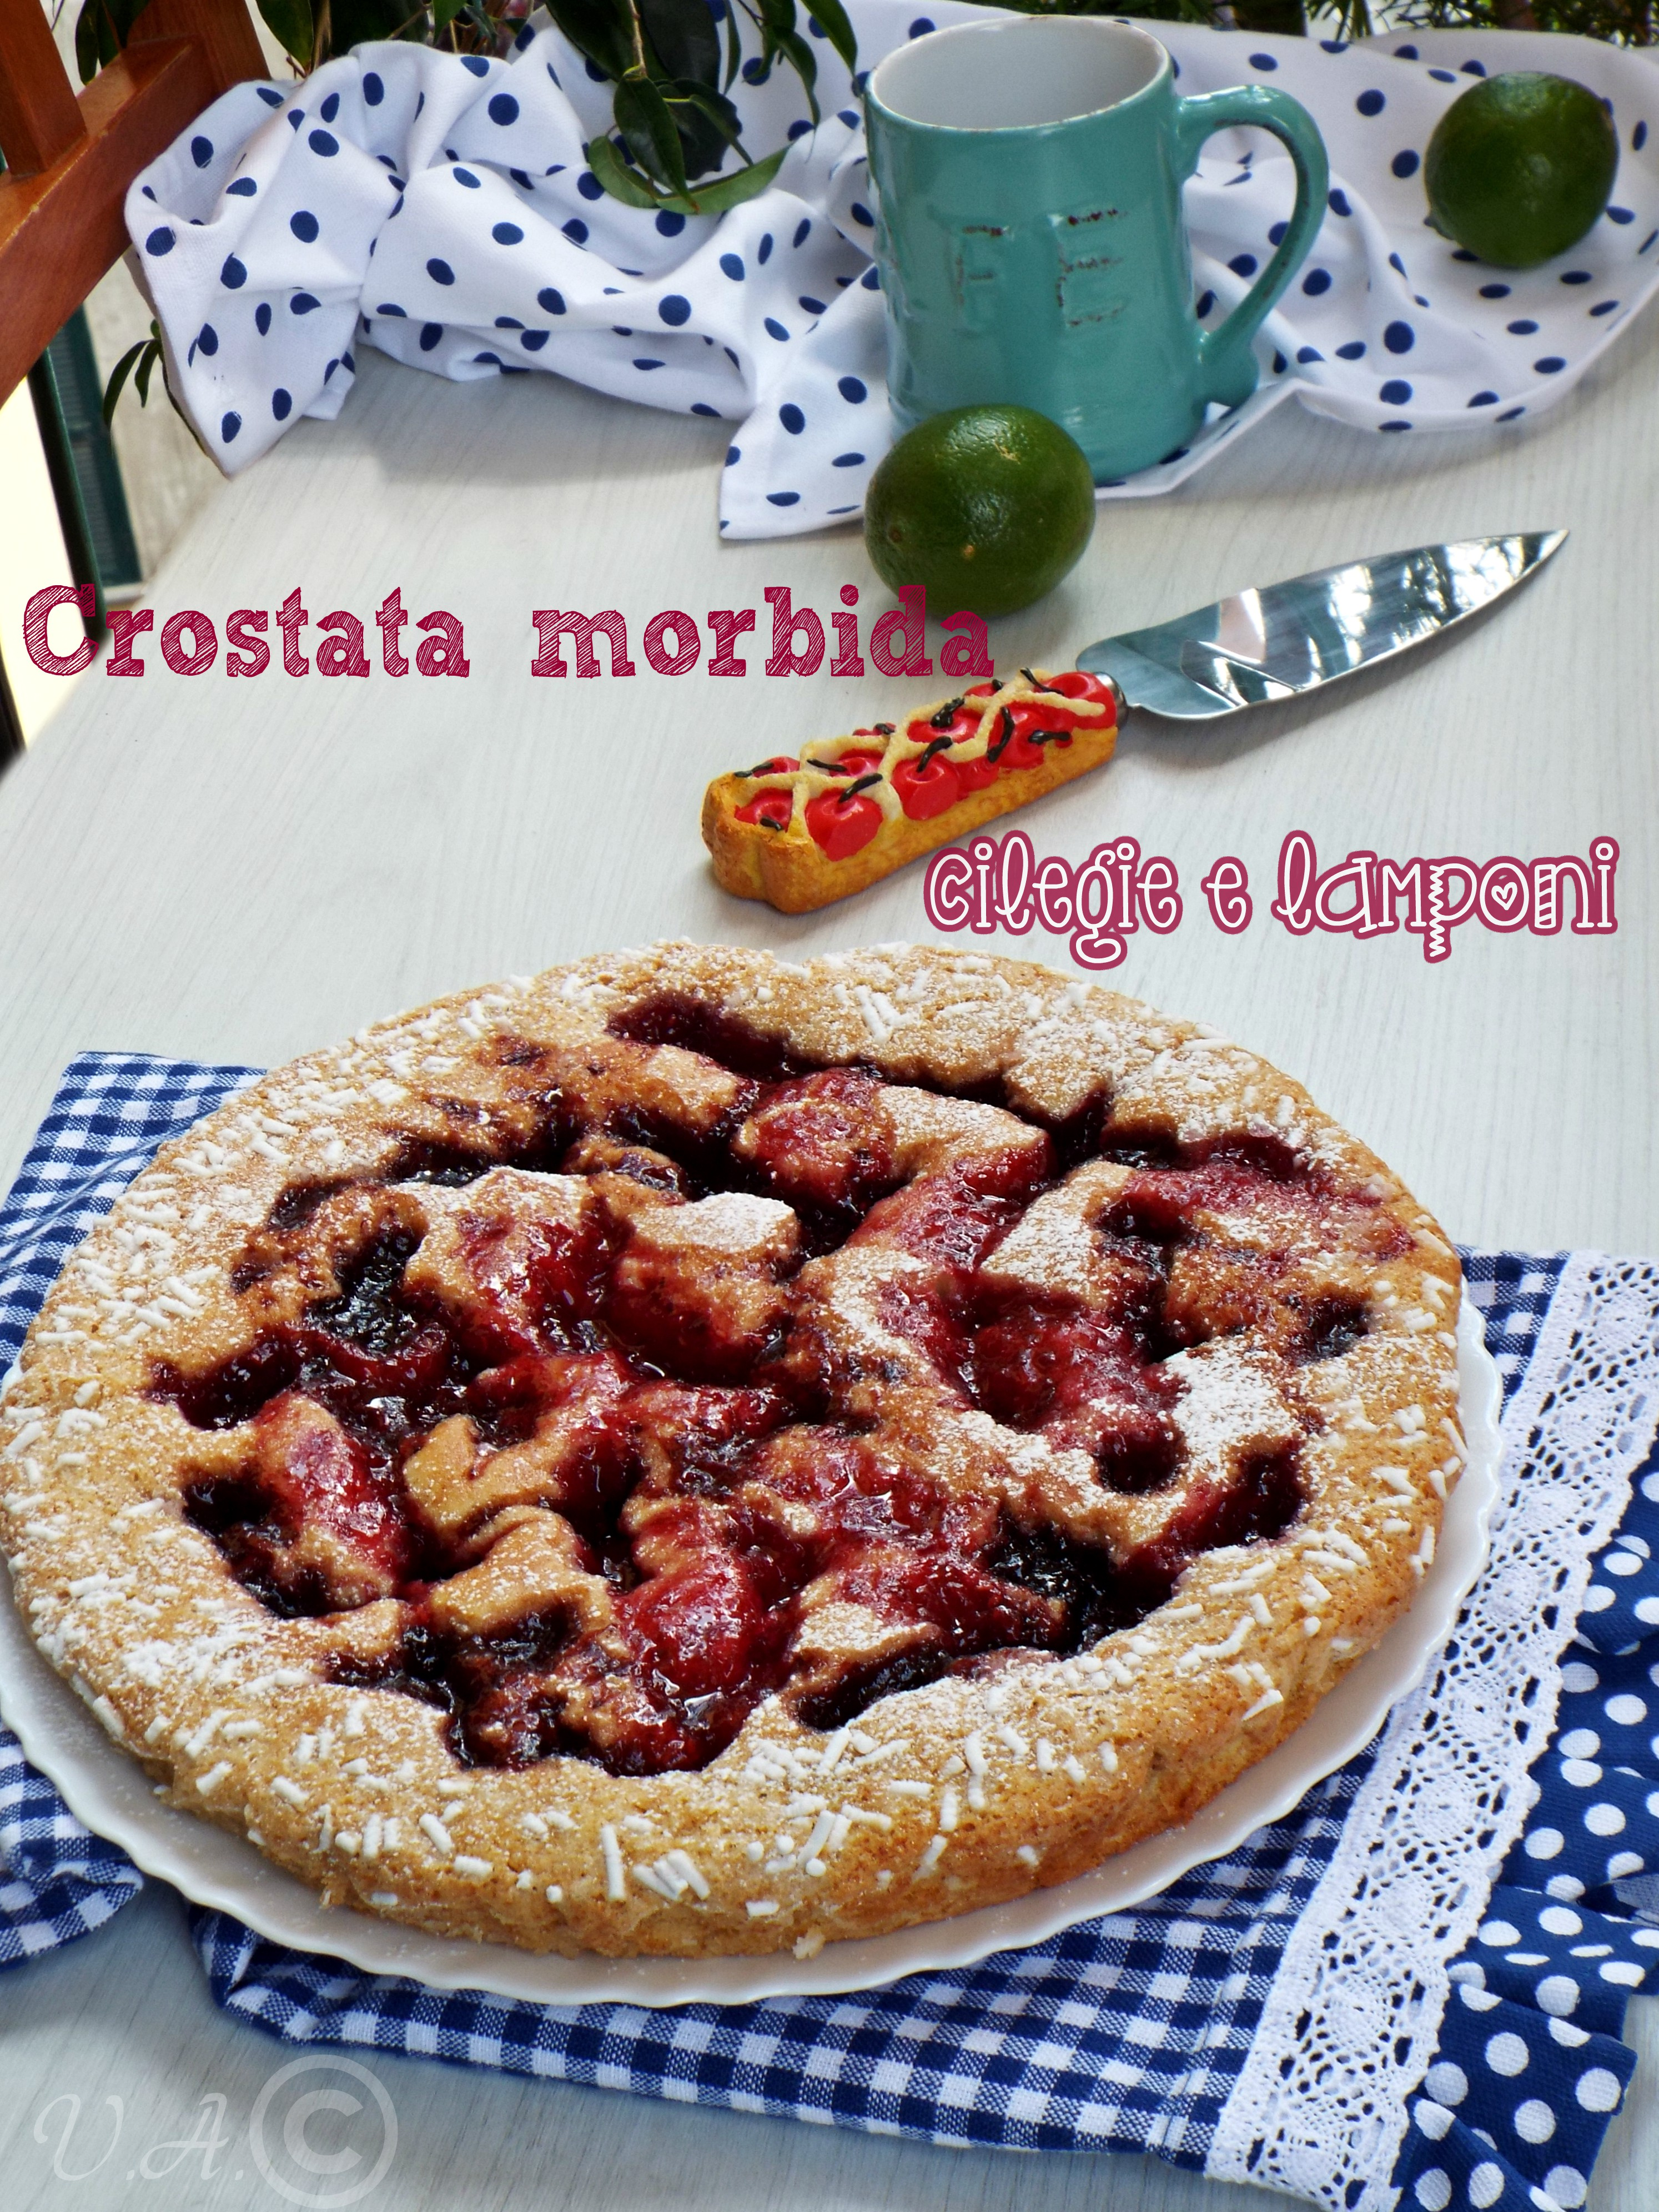 Crostata morbida ciliegie e lamponi,